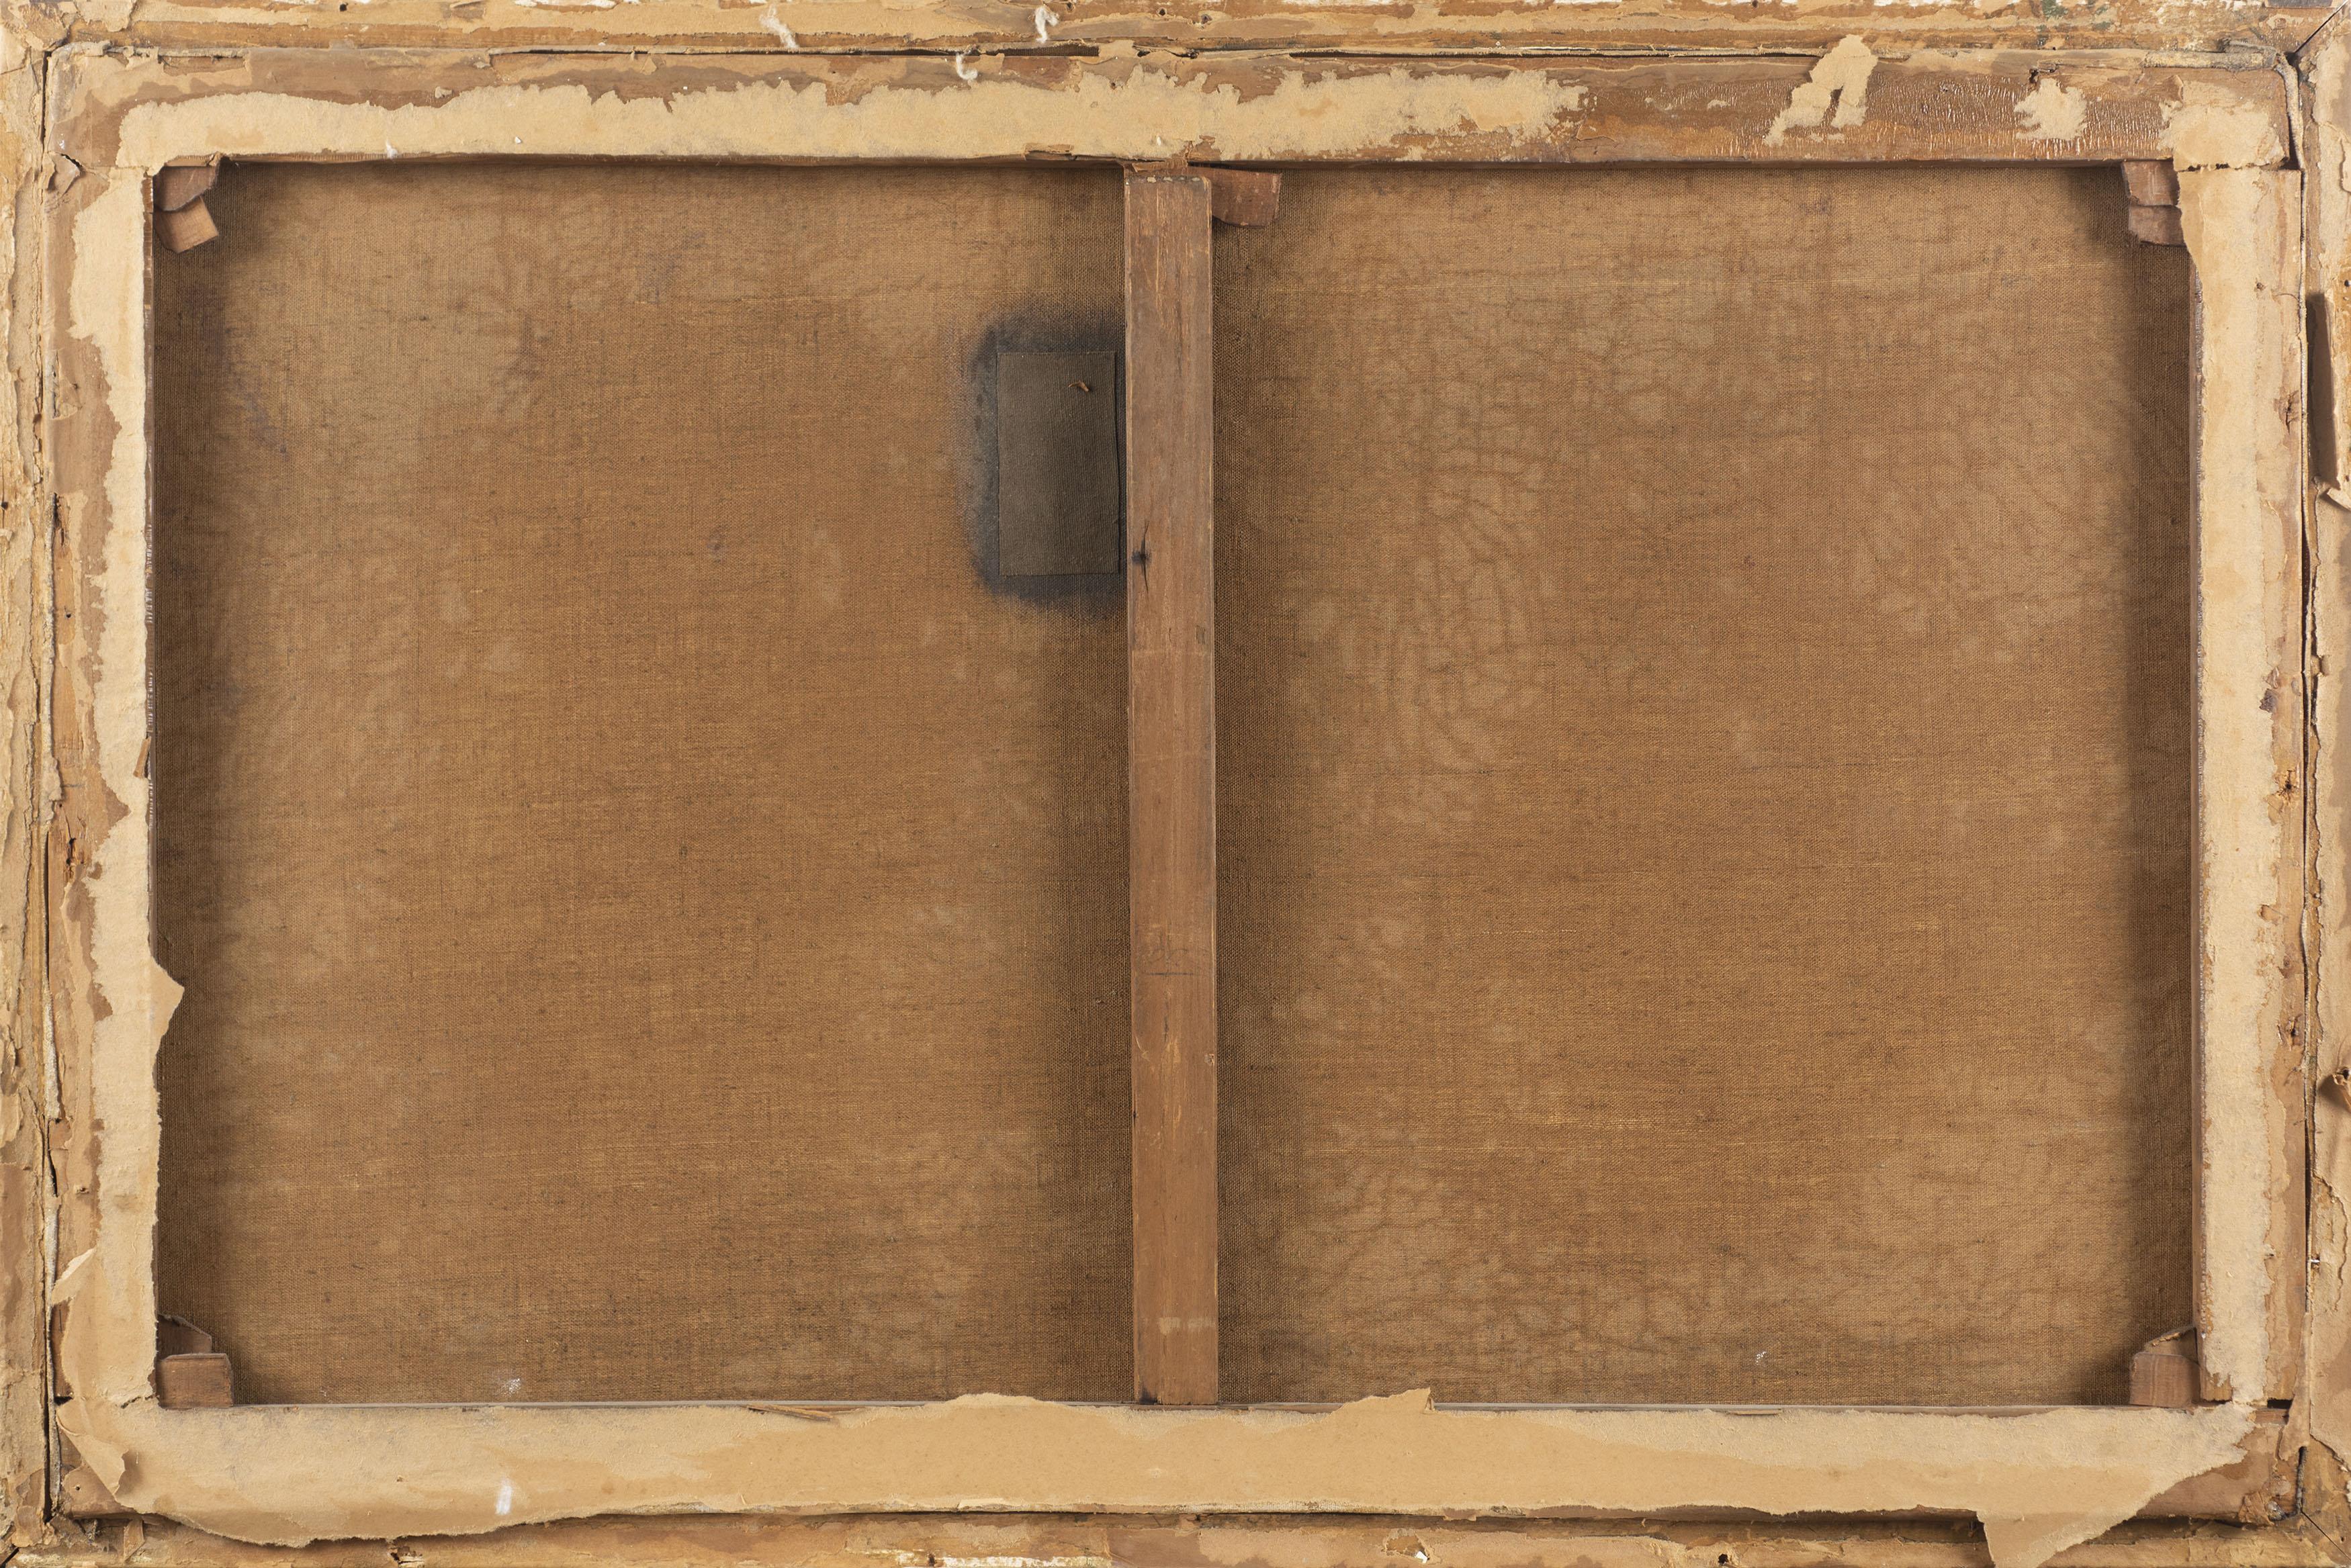 PIETRO BARUCCI - Image 2 of 2